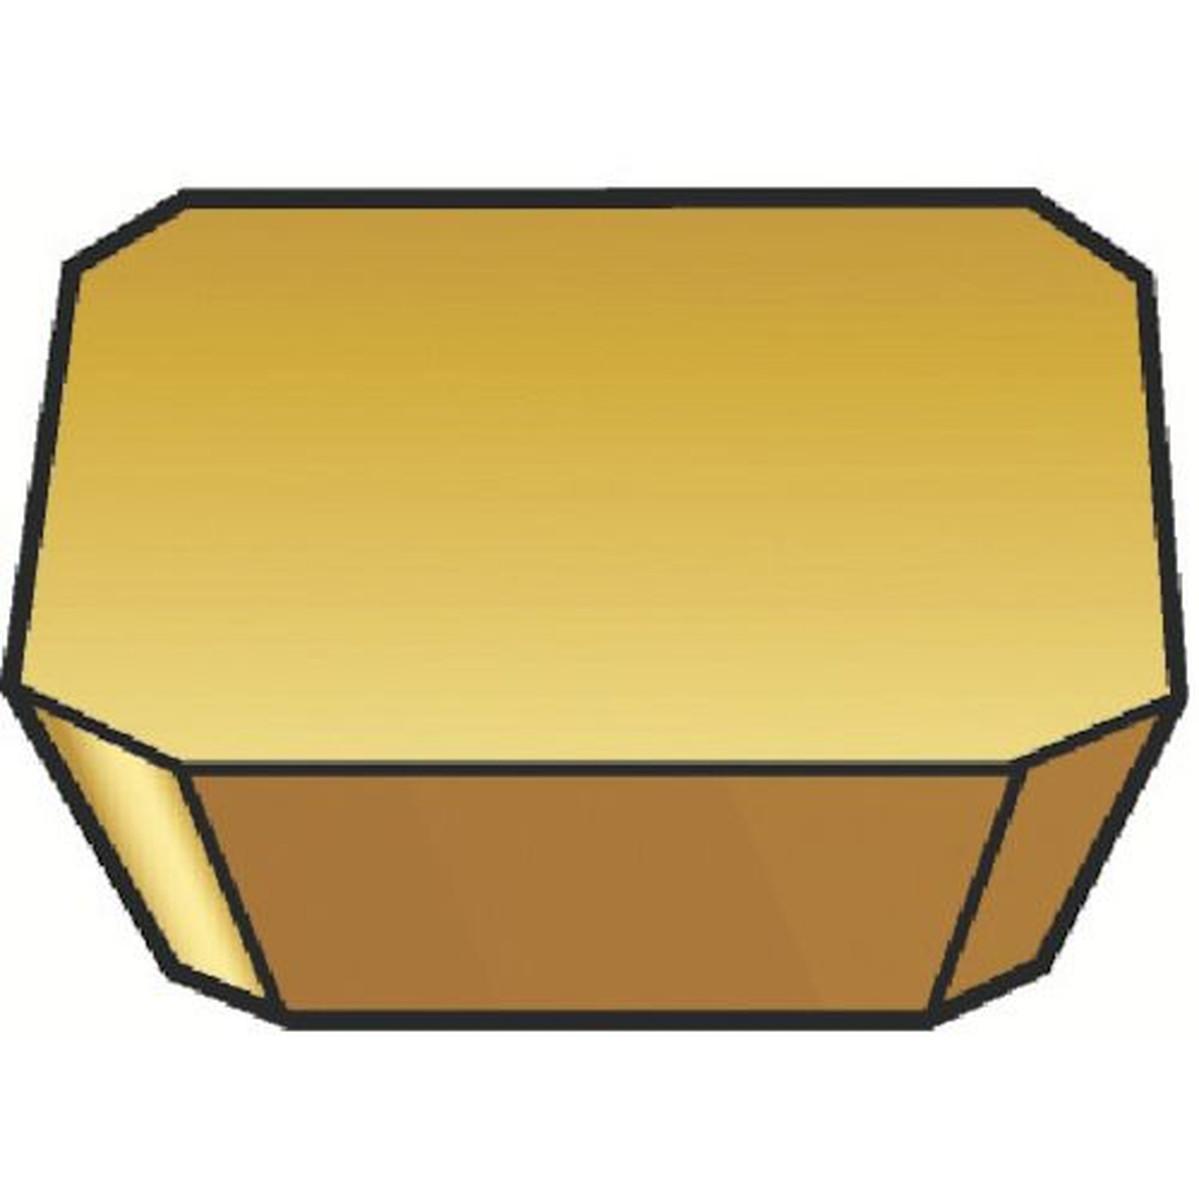 セール 登場から人気沸騰 サンドビック フライスカッター用チップ 530 フライスカッター用チップ 530 10個 10個, アコウシ:5a3056b2 --- promotime.lt